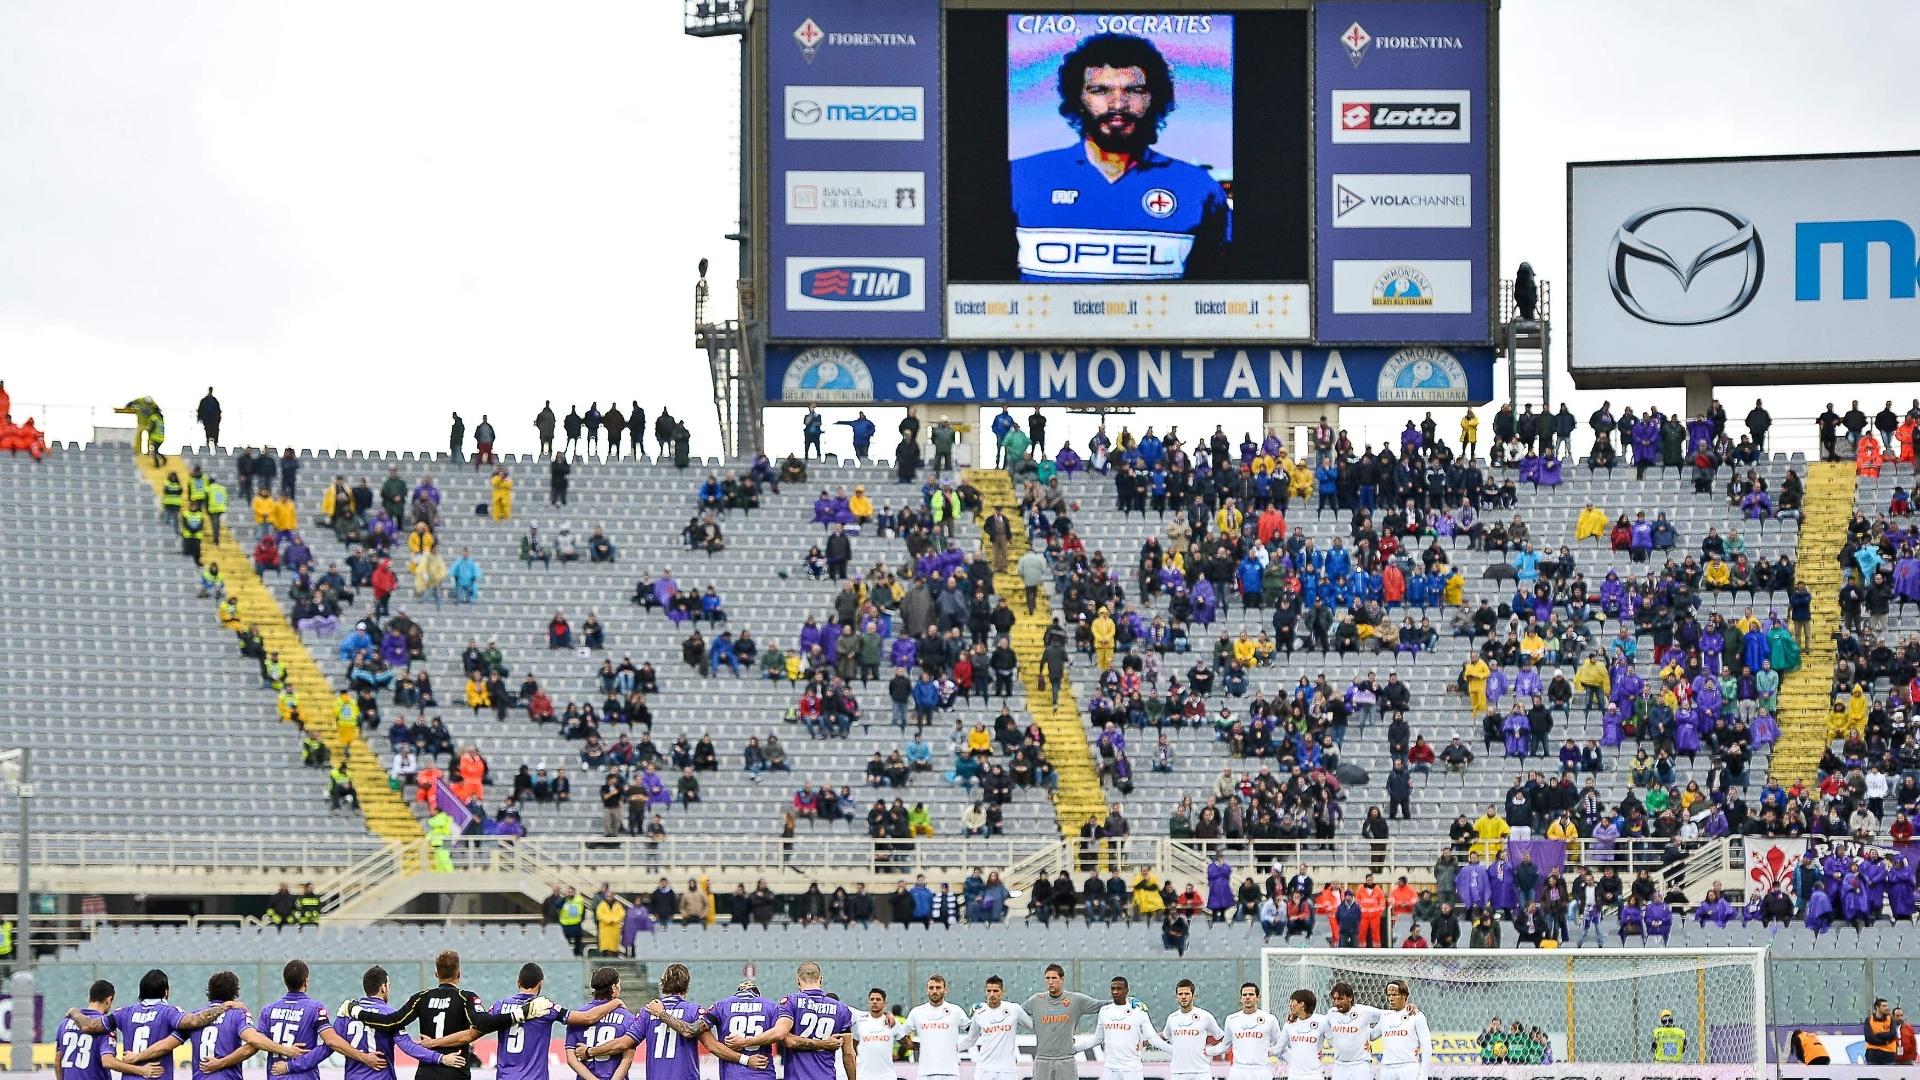 Imagem de Sócrates é exibida no telão durante minuto de silêncio antes do jogo entre Fiorentina e Roma